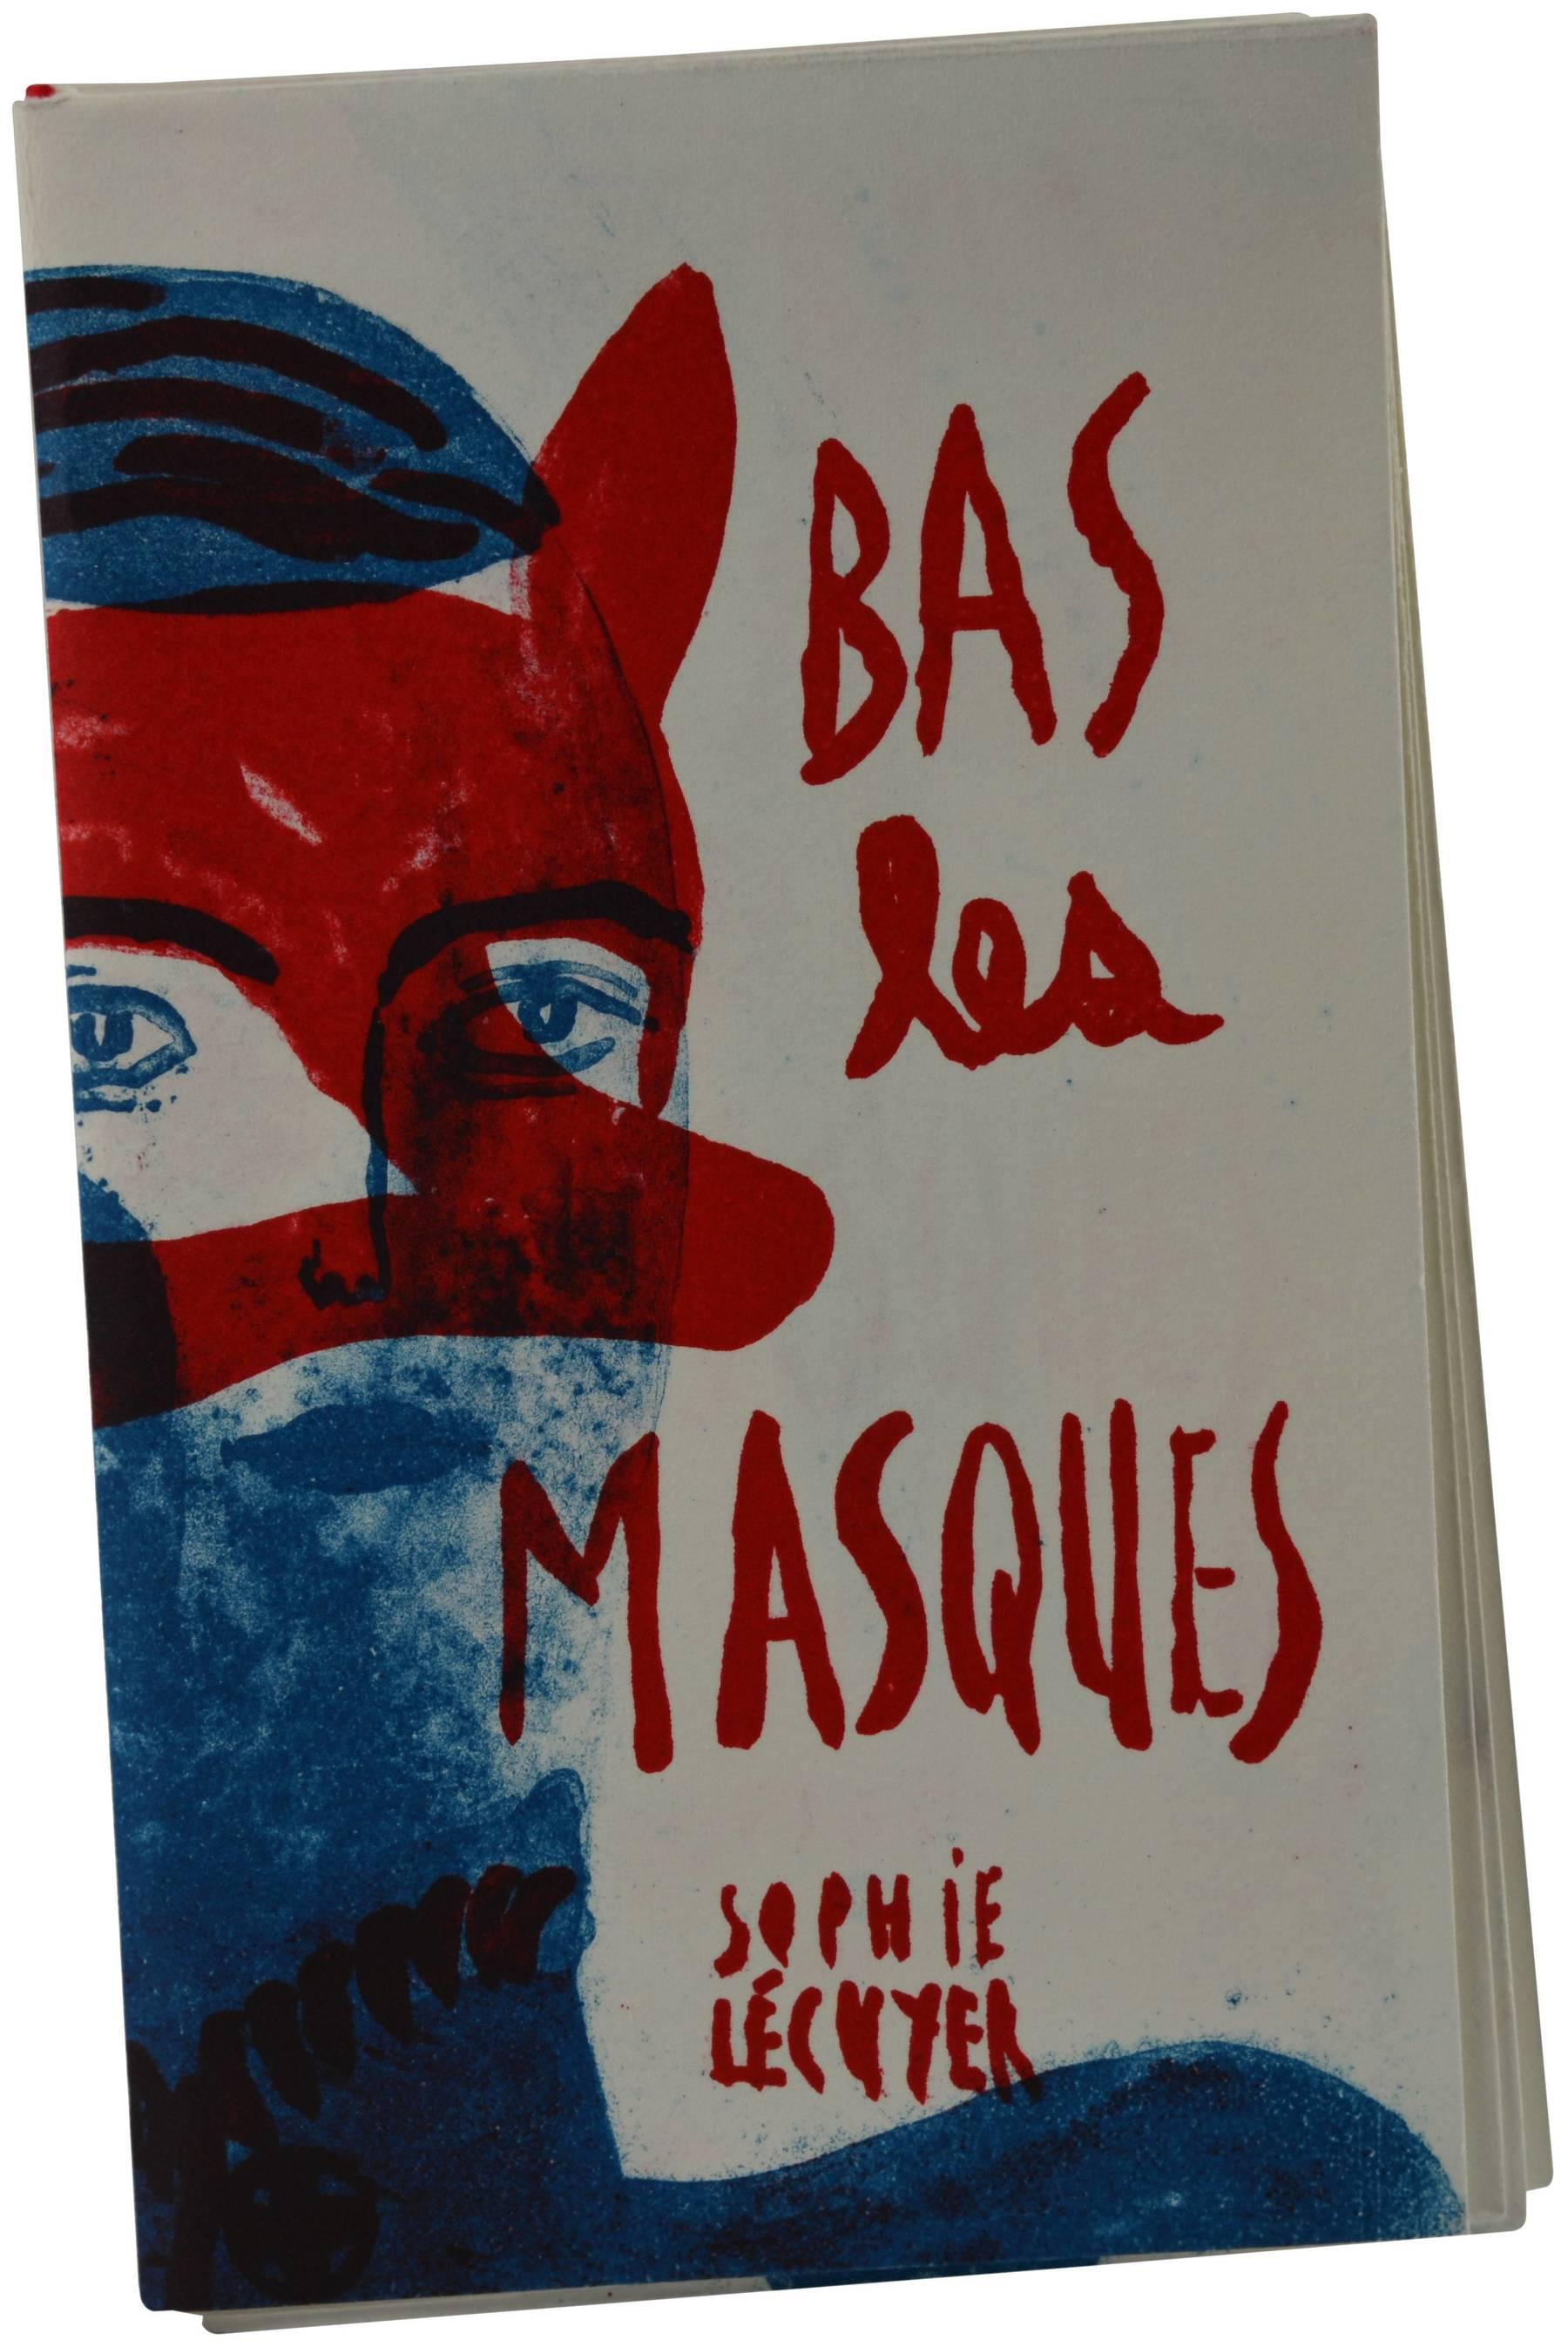 Contenu du Bas les masques